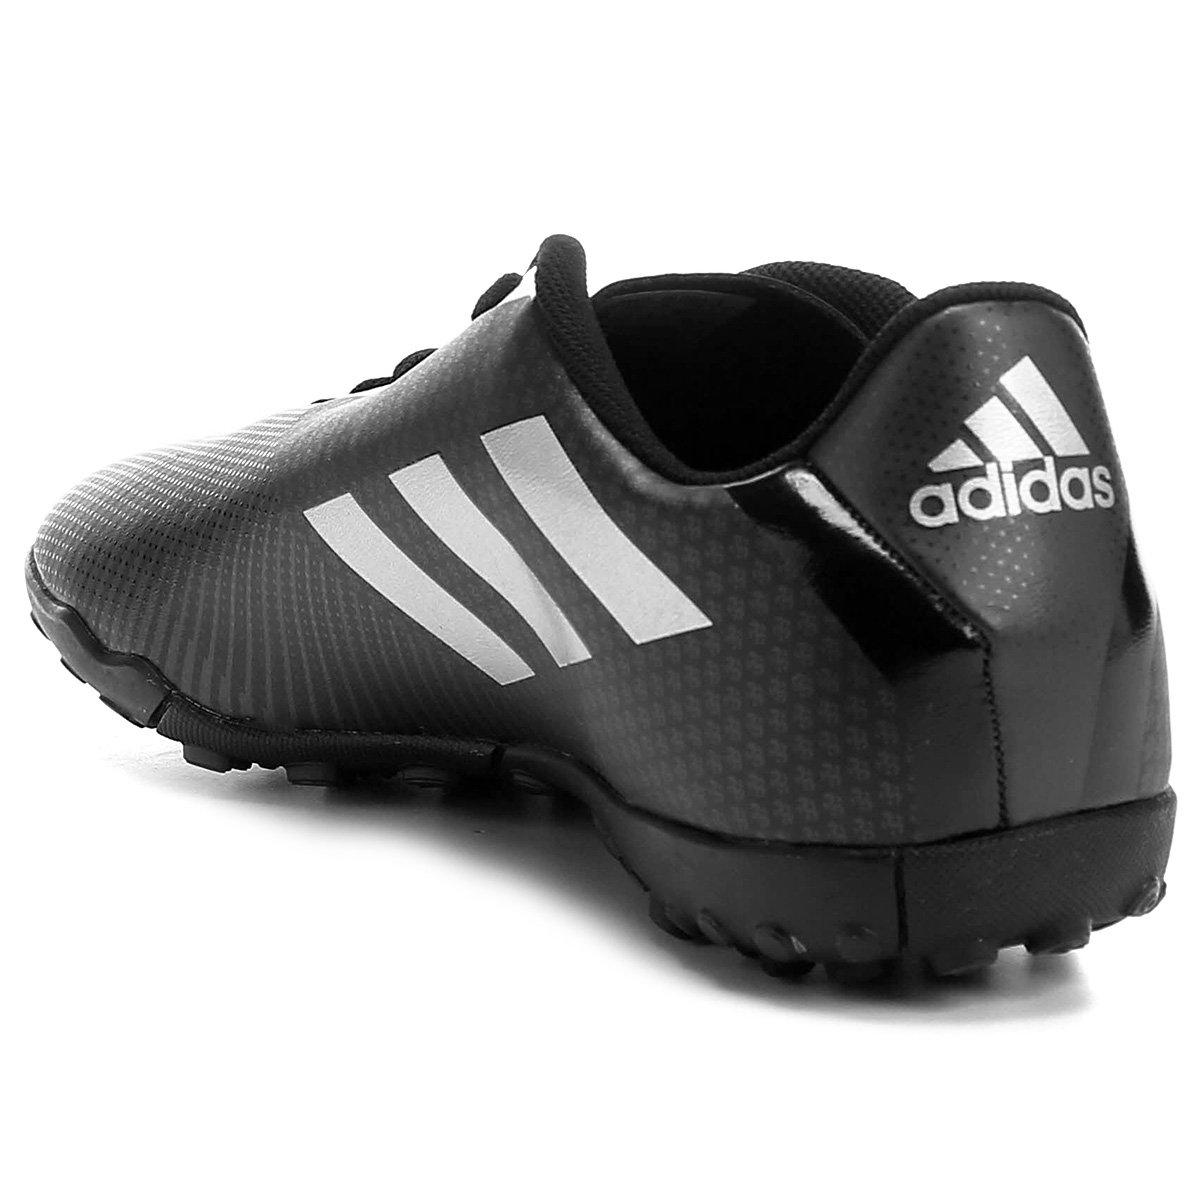 Chuteira Society Adidas Artilheira 17 TF - Preto e Prata - Compre ... 93e676a21a334